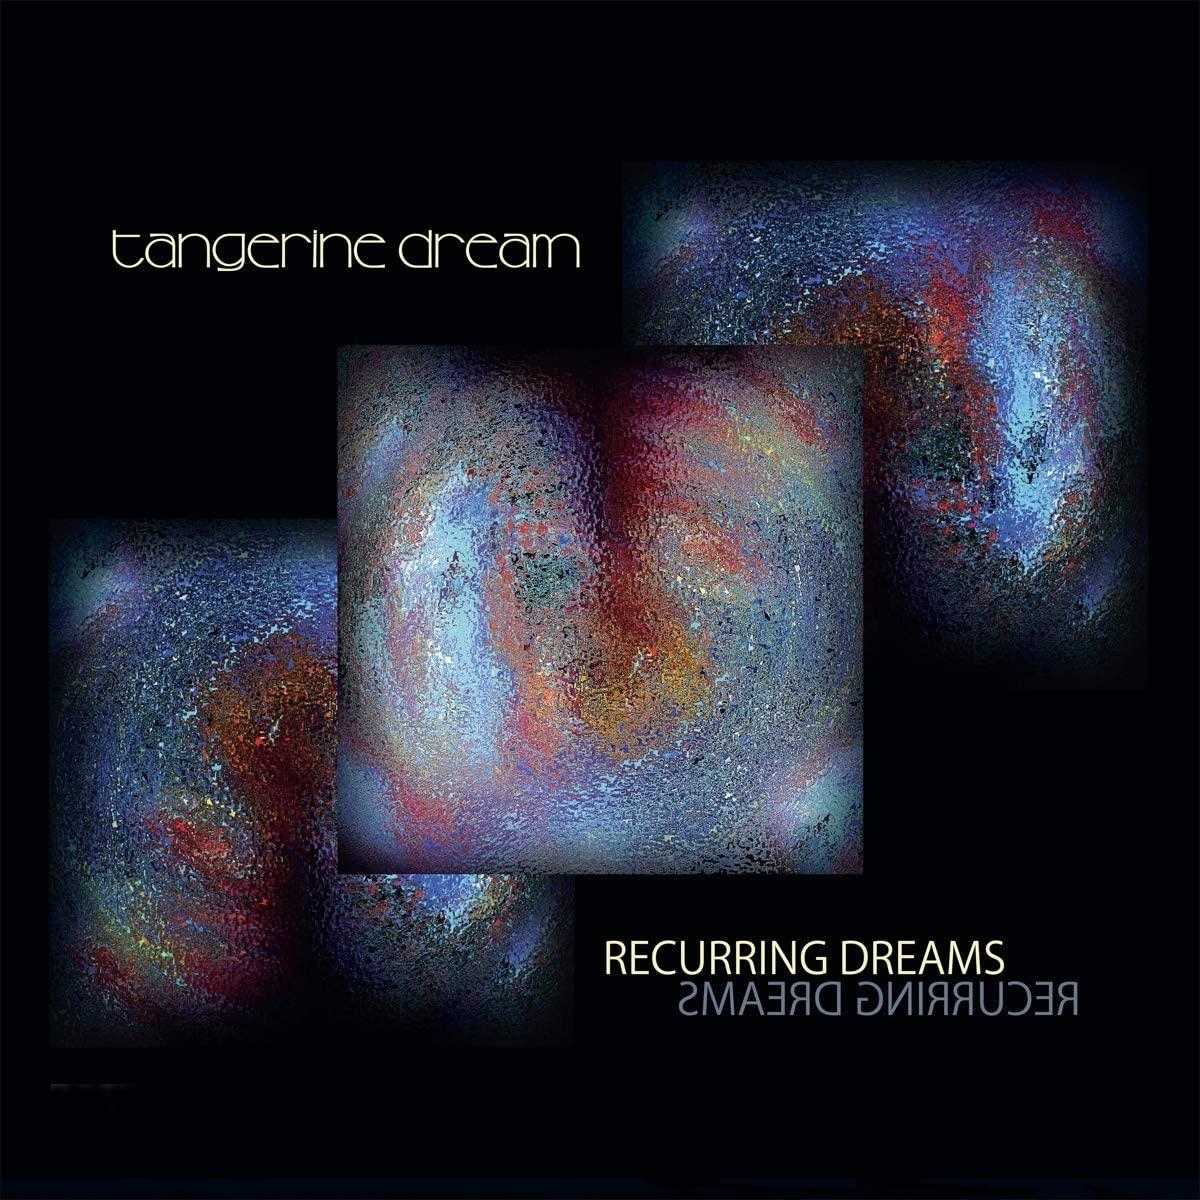 Recurring Dreams